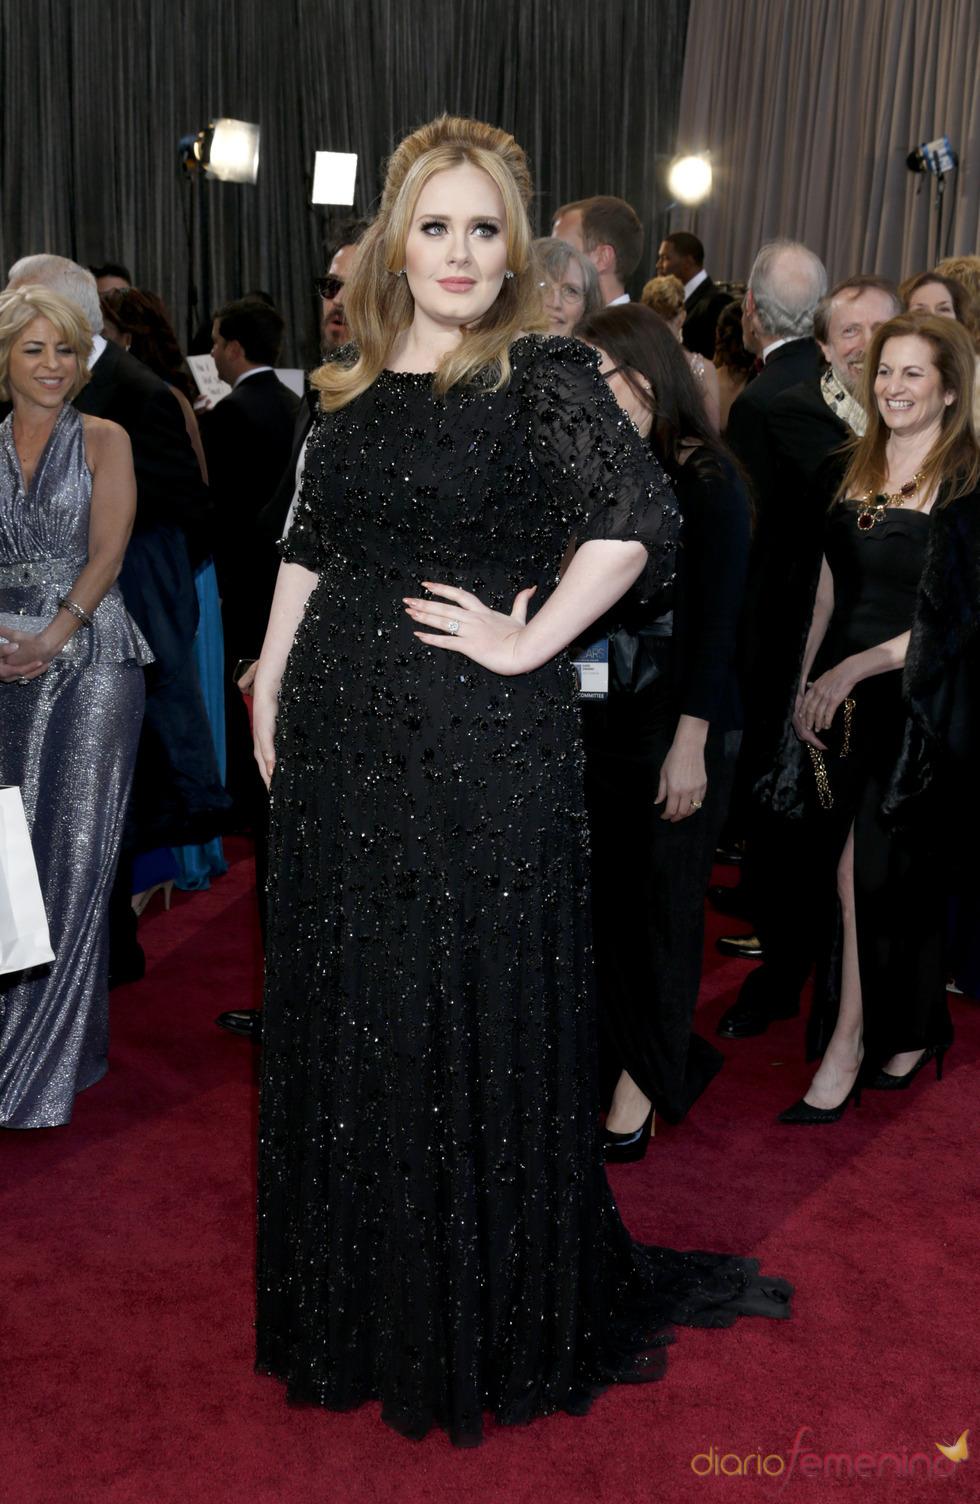 La cantante Adele en la alfombra roja de los Oscars 2013